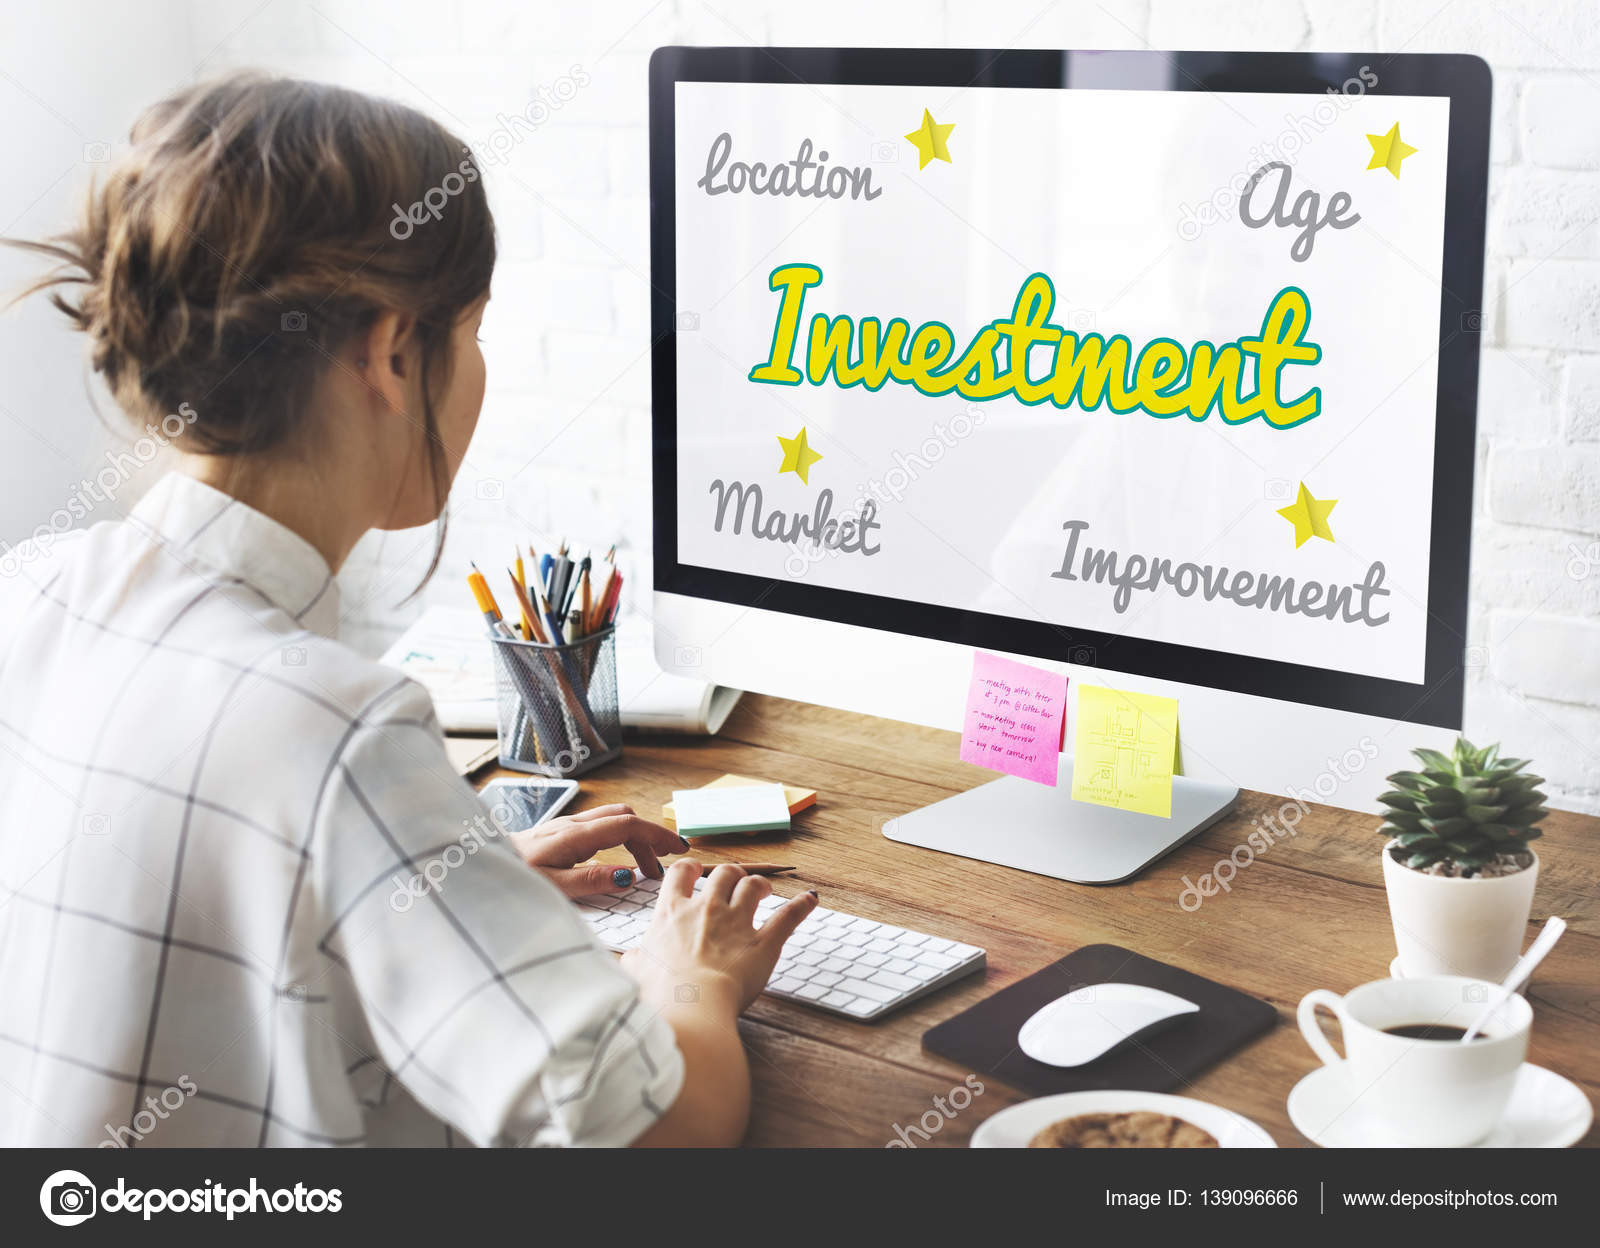 help desk resume tips to help build a career download help desk resume